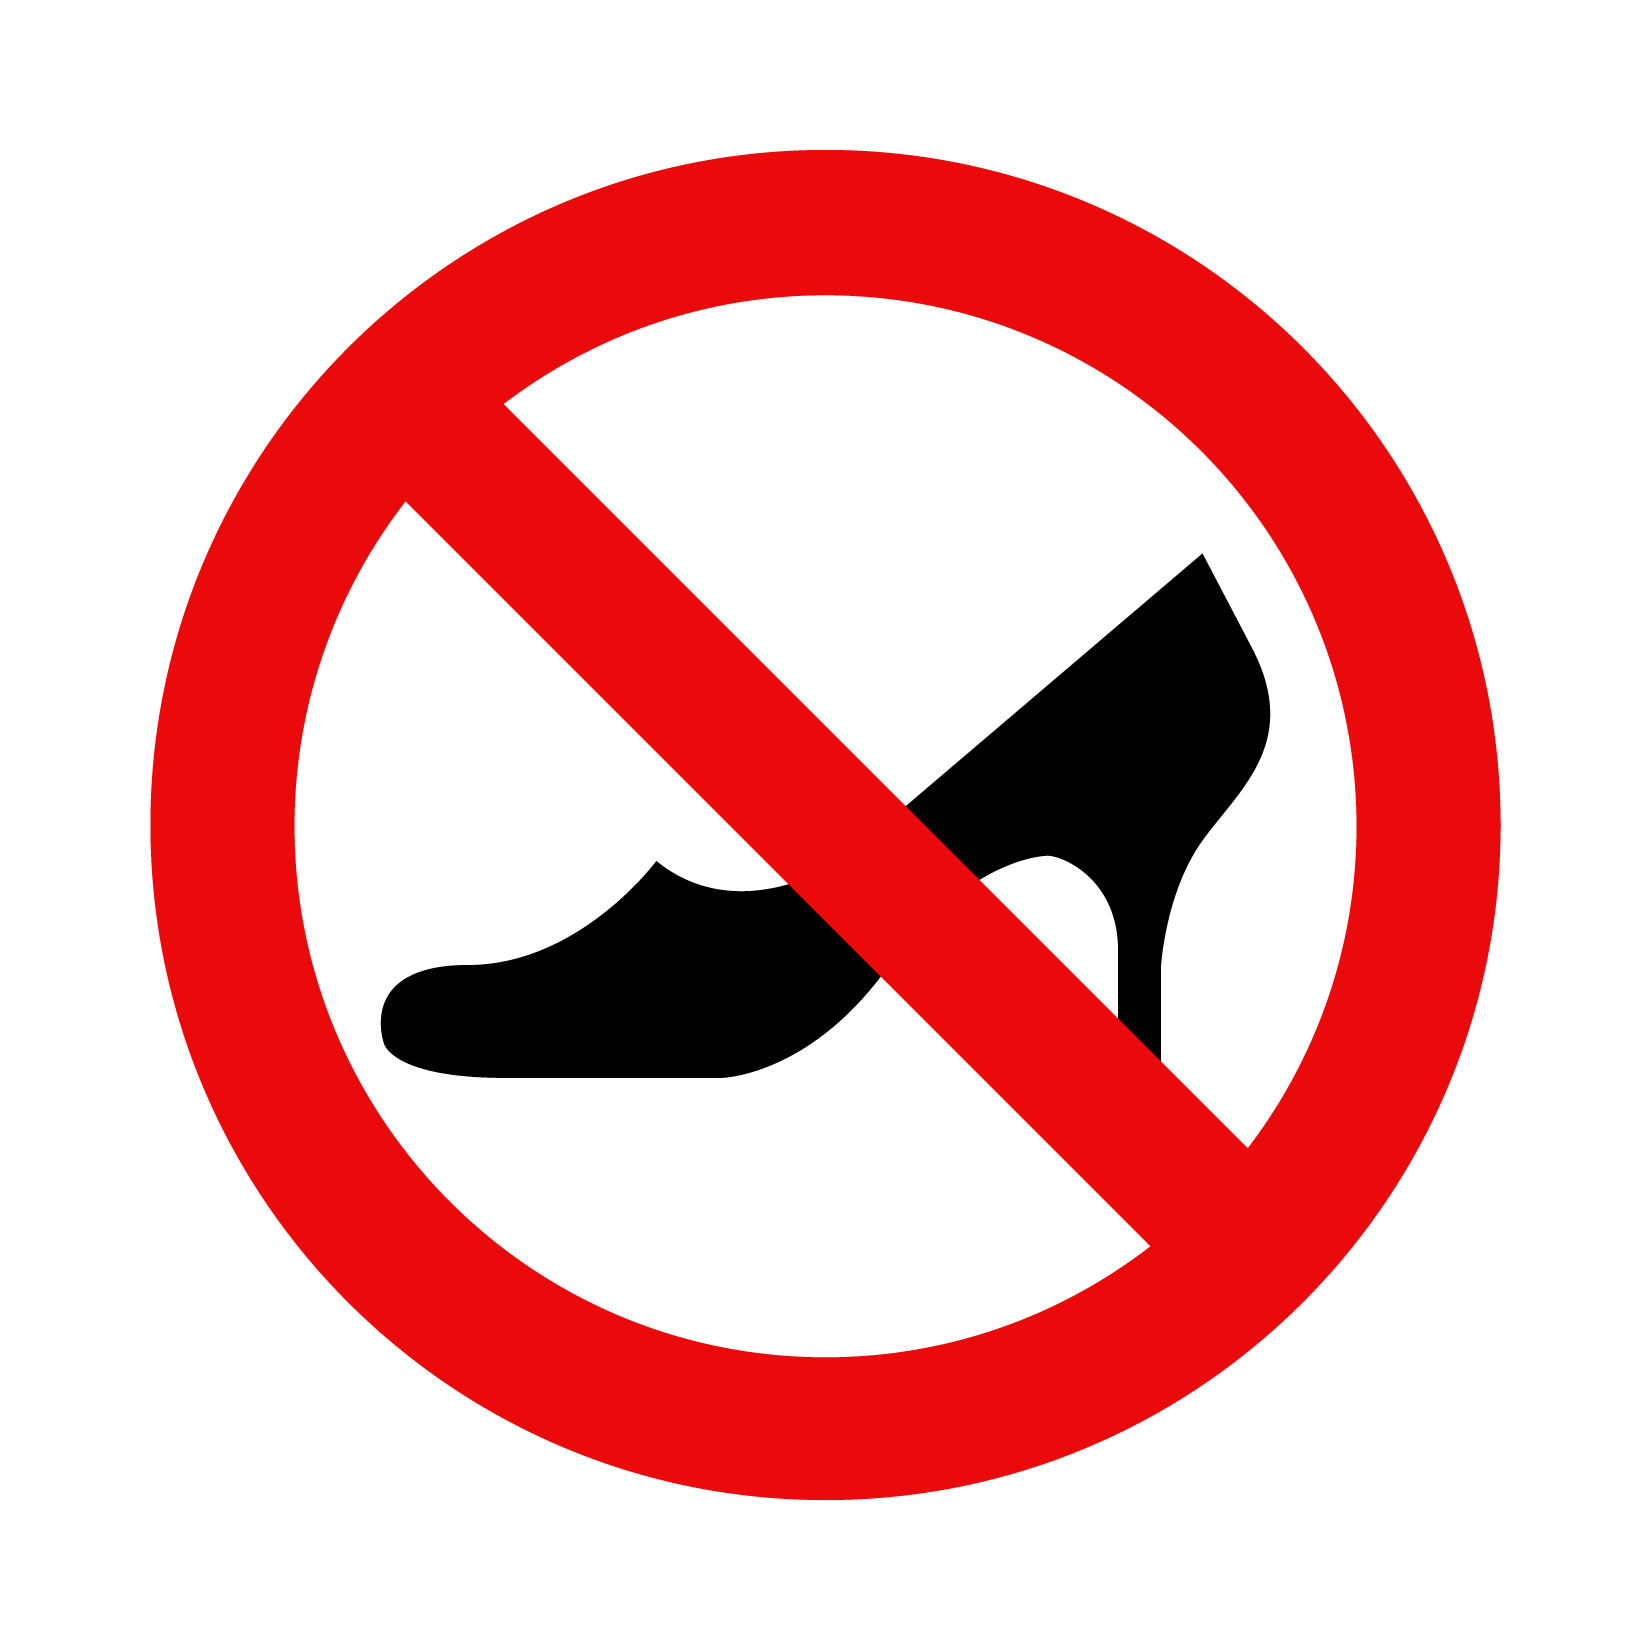 No heels